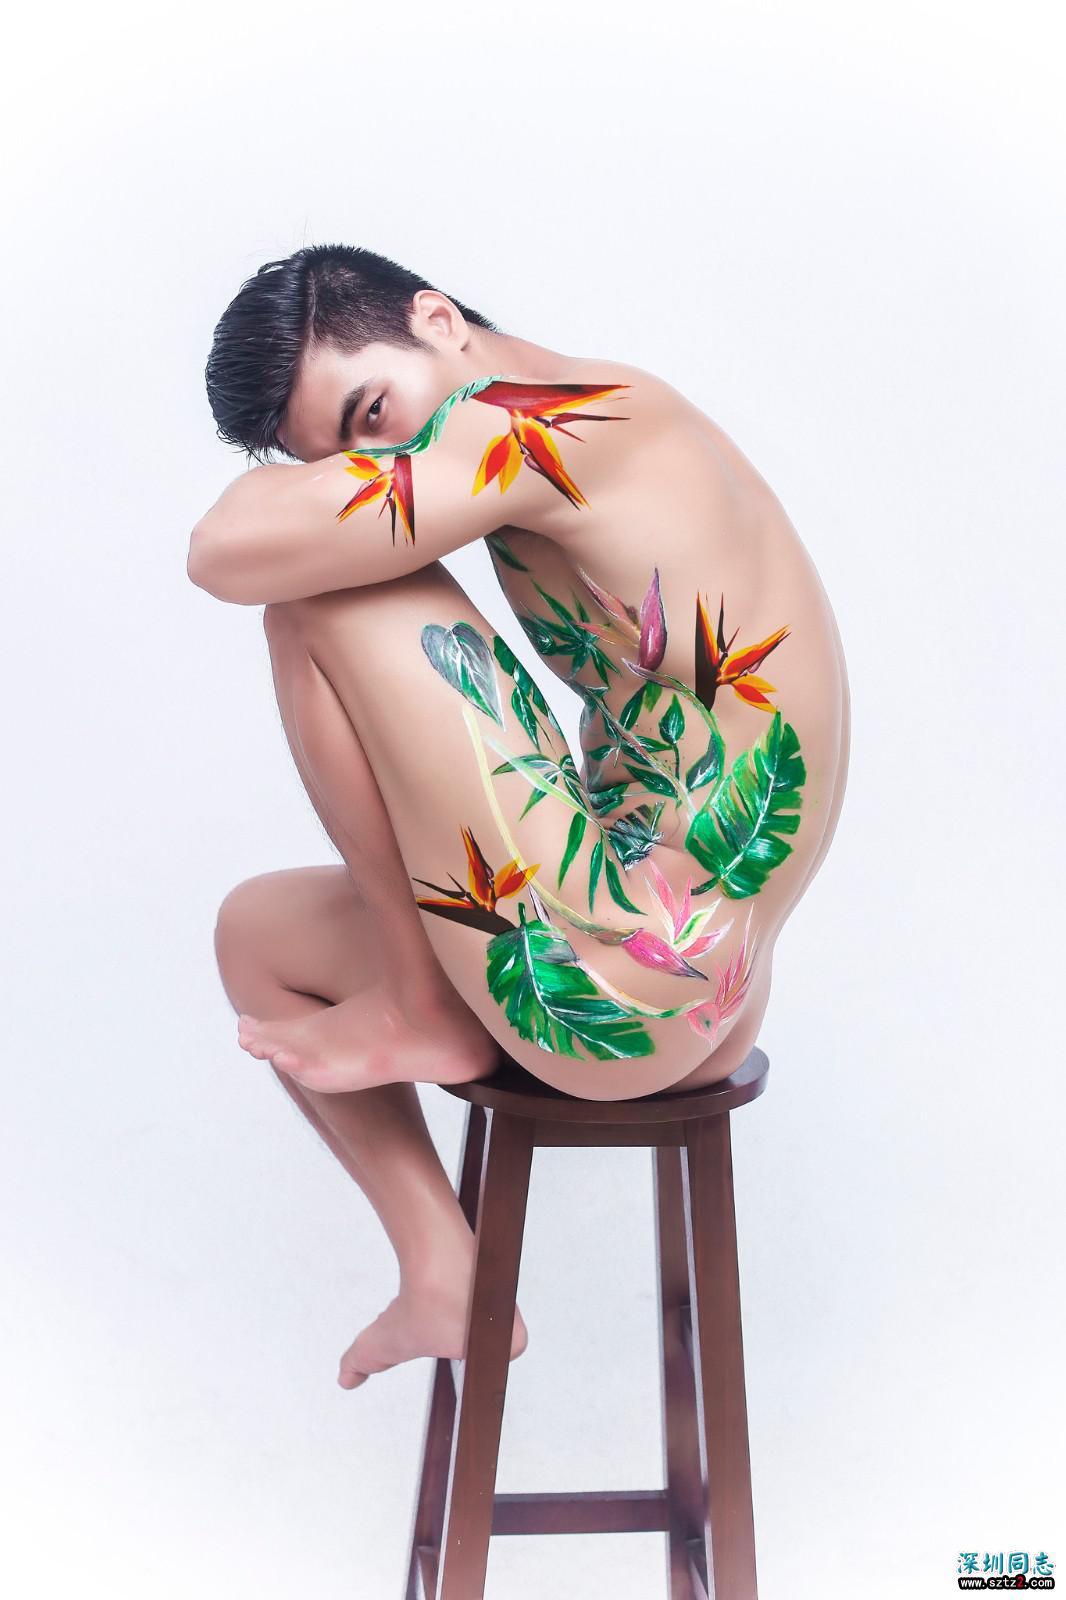 翘臀帅哥的裸体唯美彩绘写真